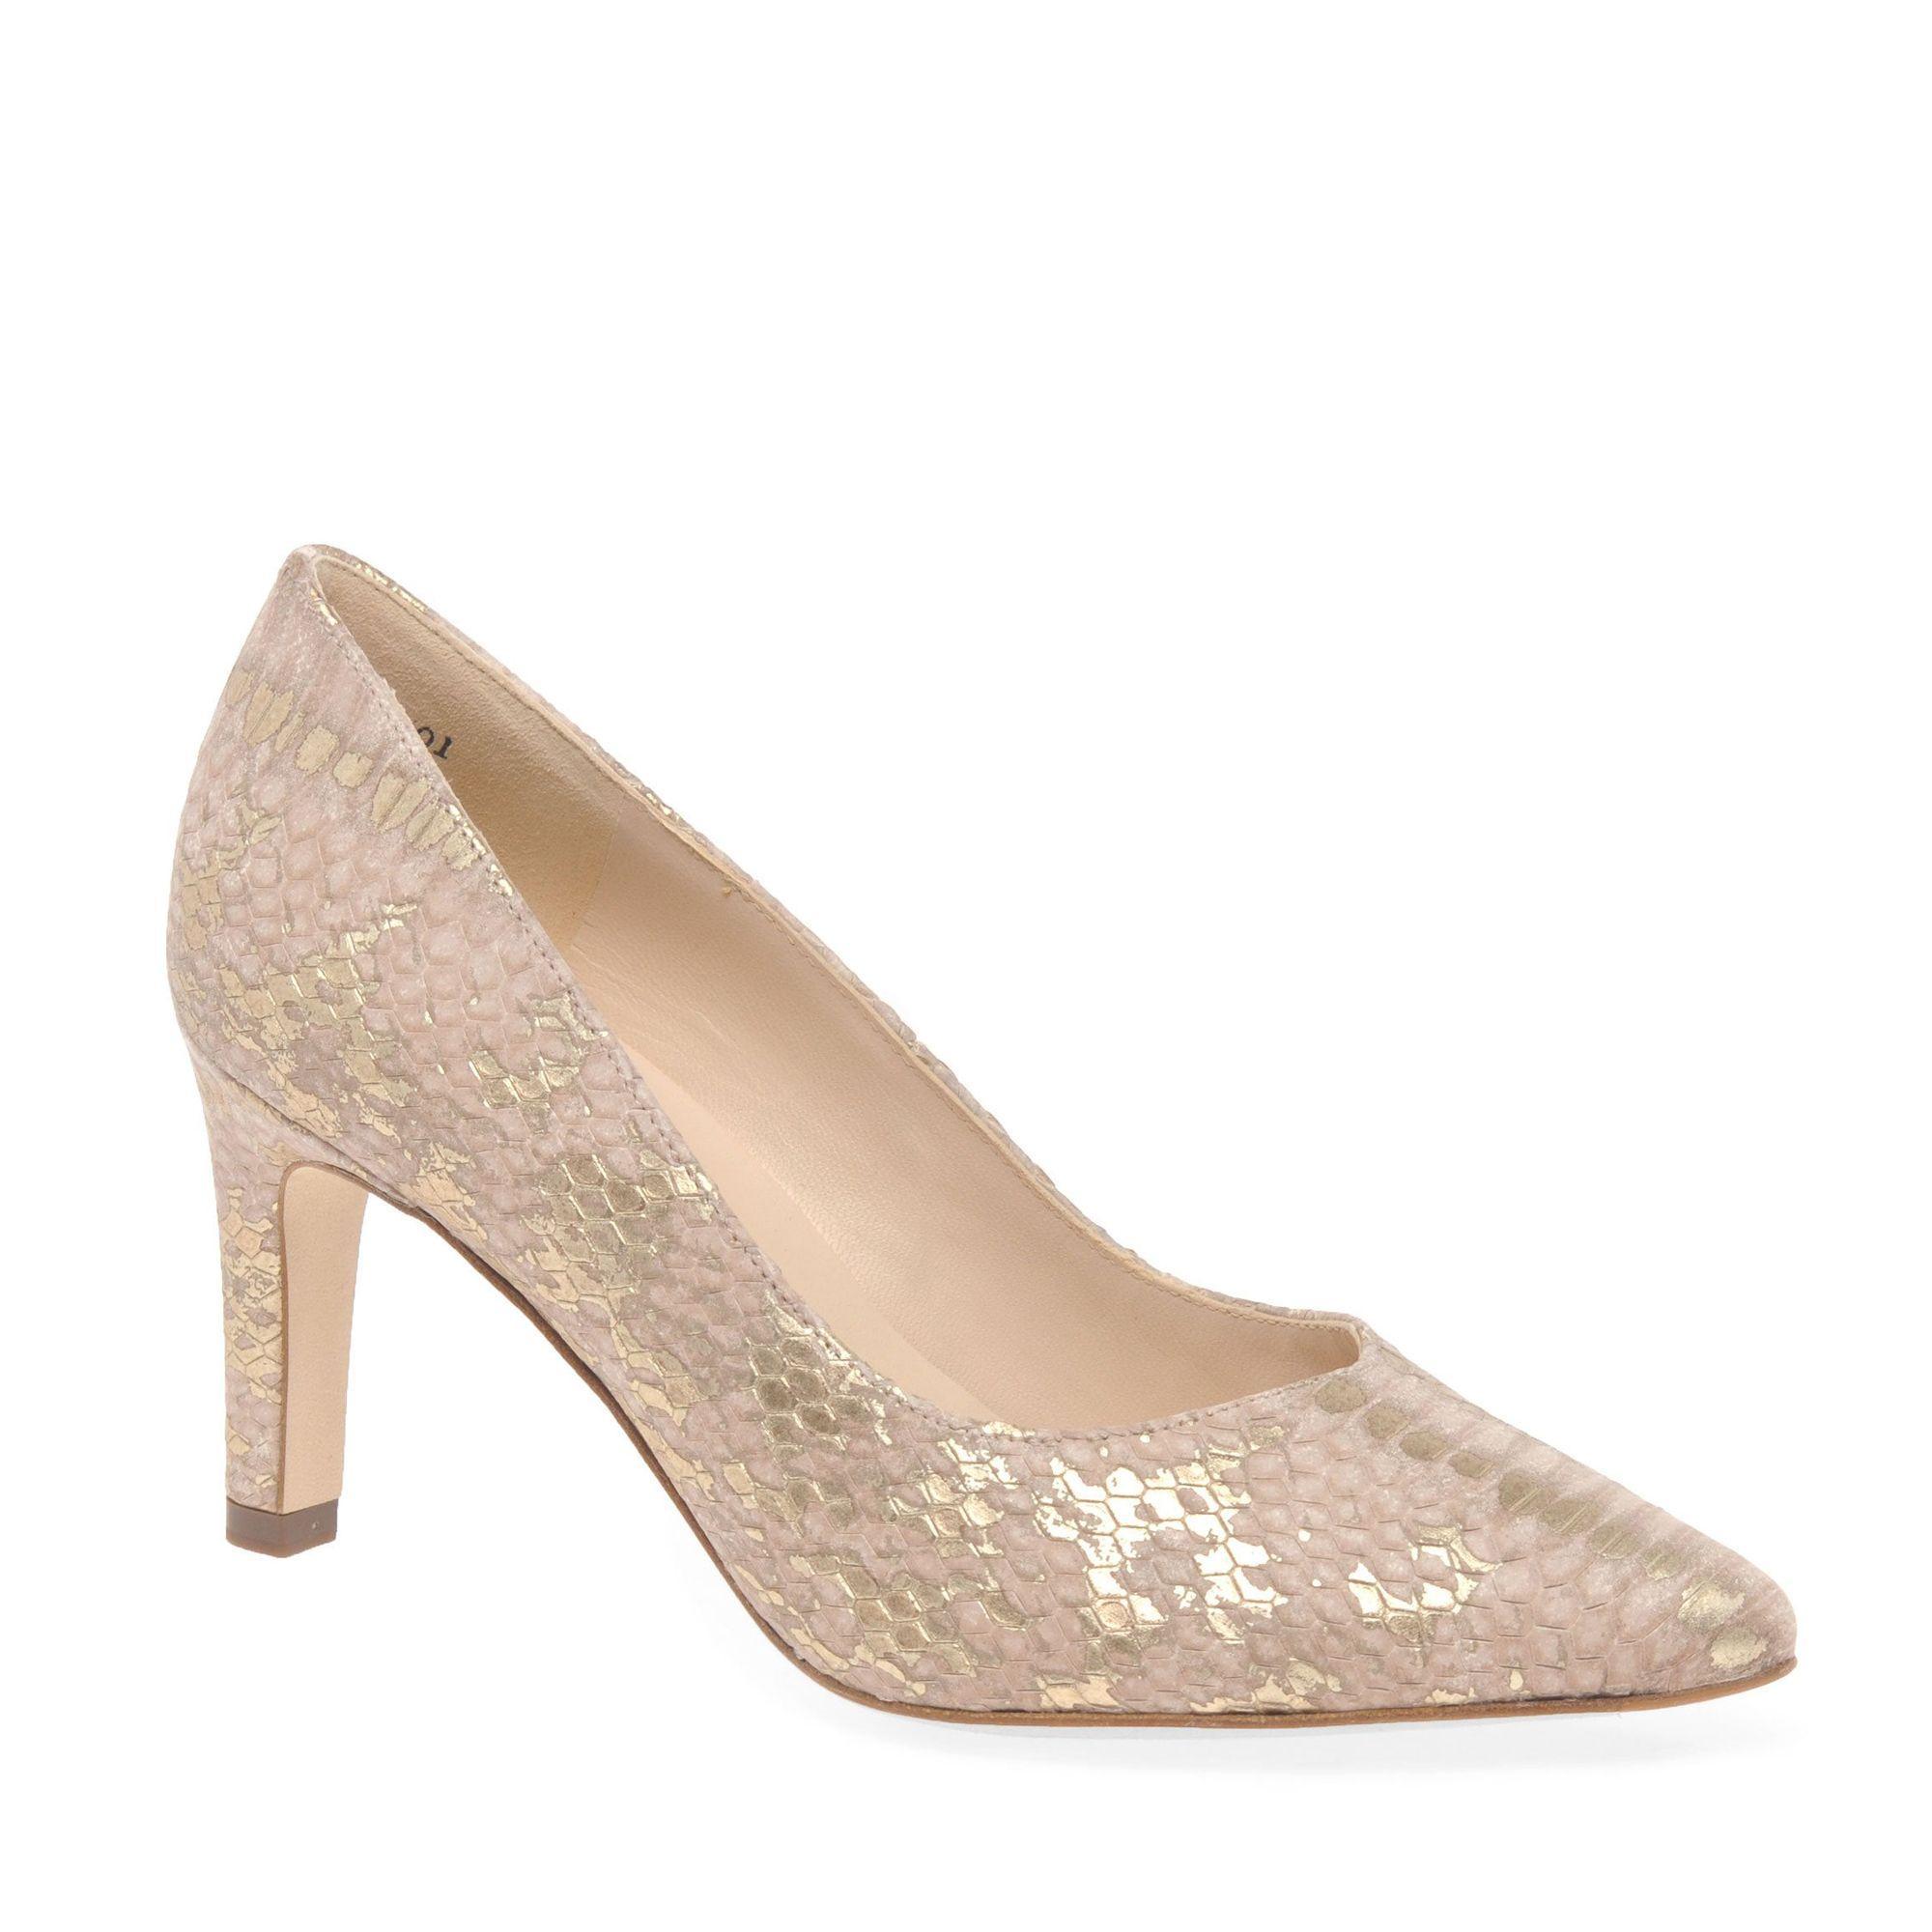 b6a3b0e634d36a peter-kaiser-Metallic-Metallic-Leather-elfi-Court-Shoes.jpeg